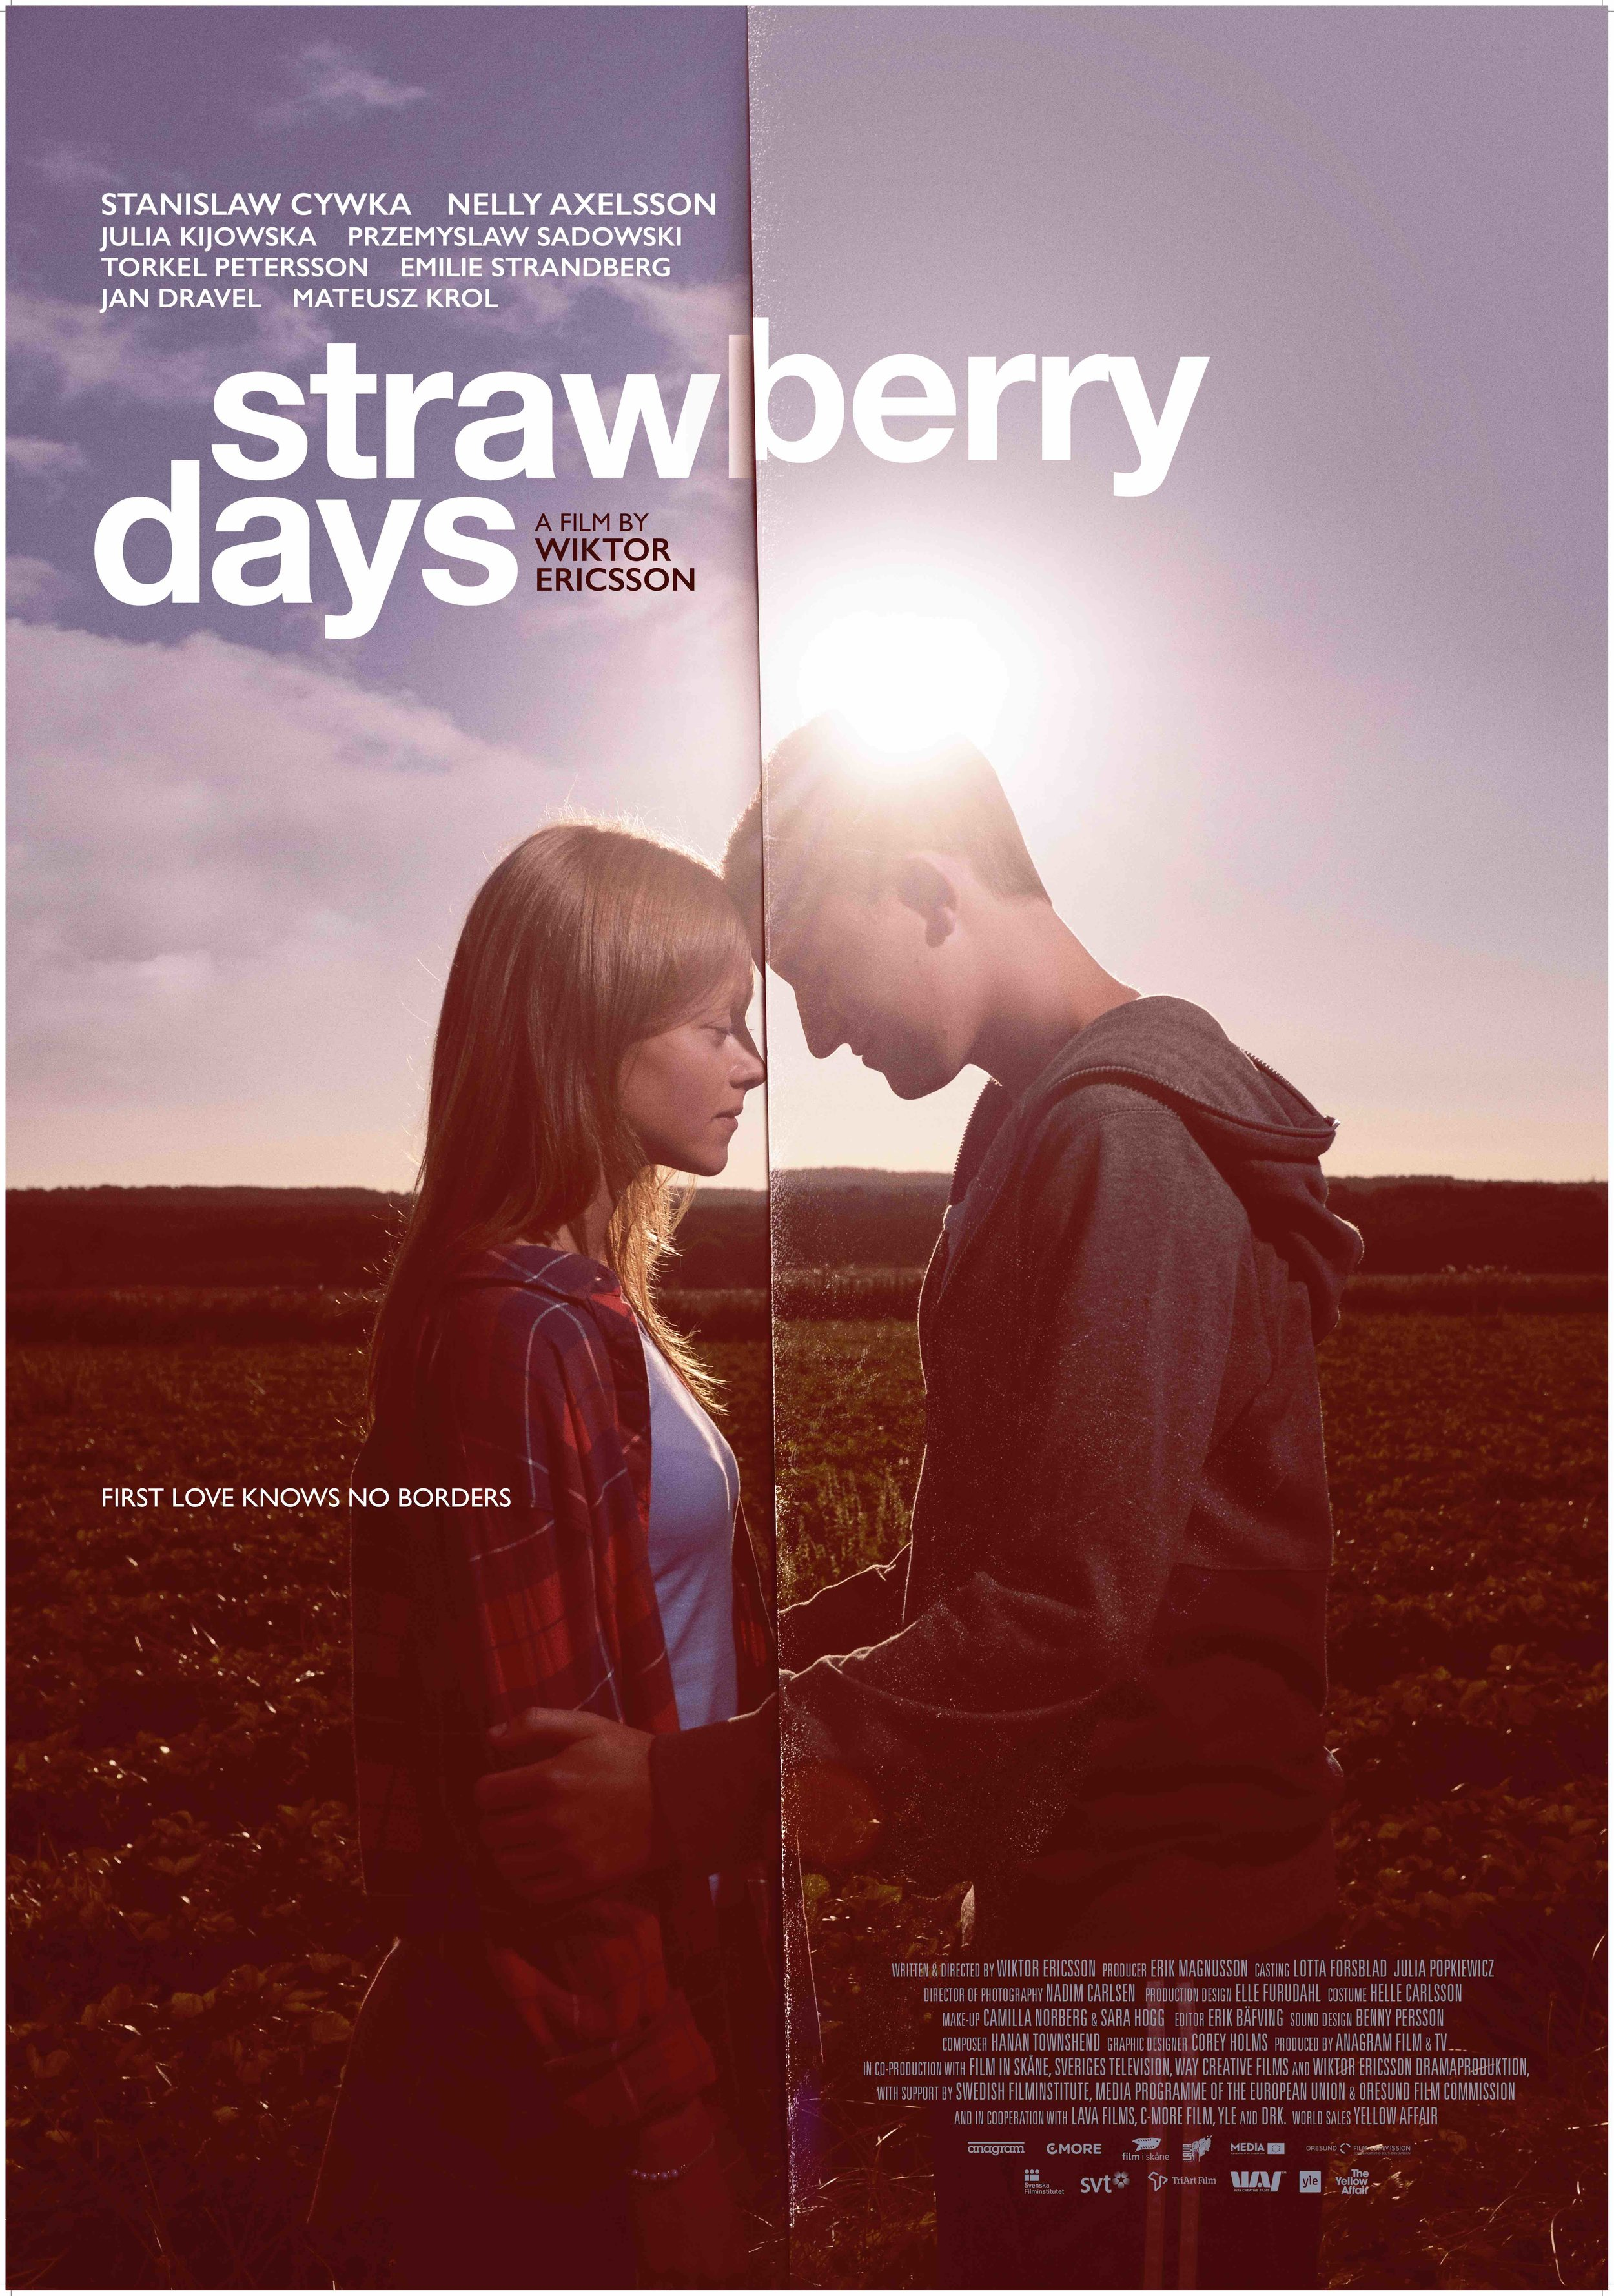 AA_StrawberryDays_70x100_kjs05 copy.jpg